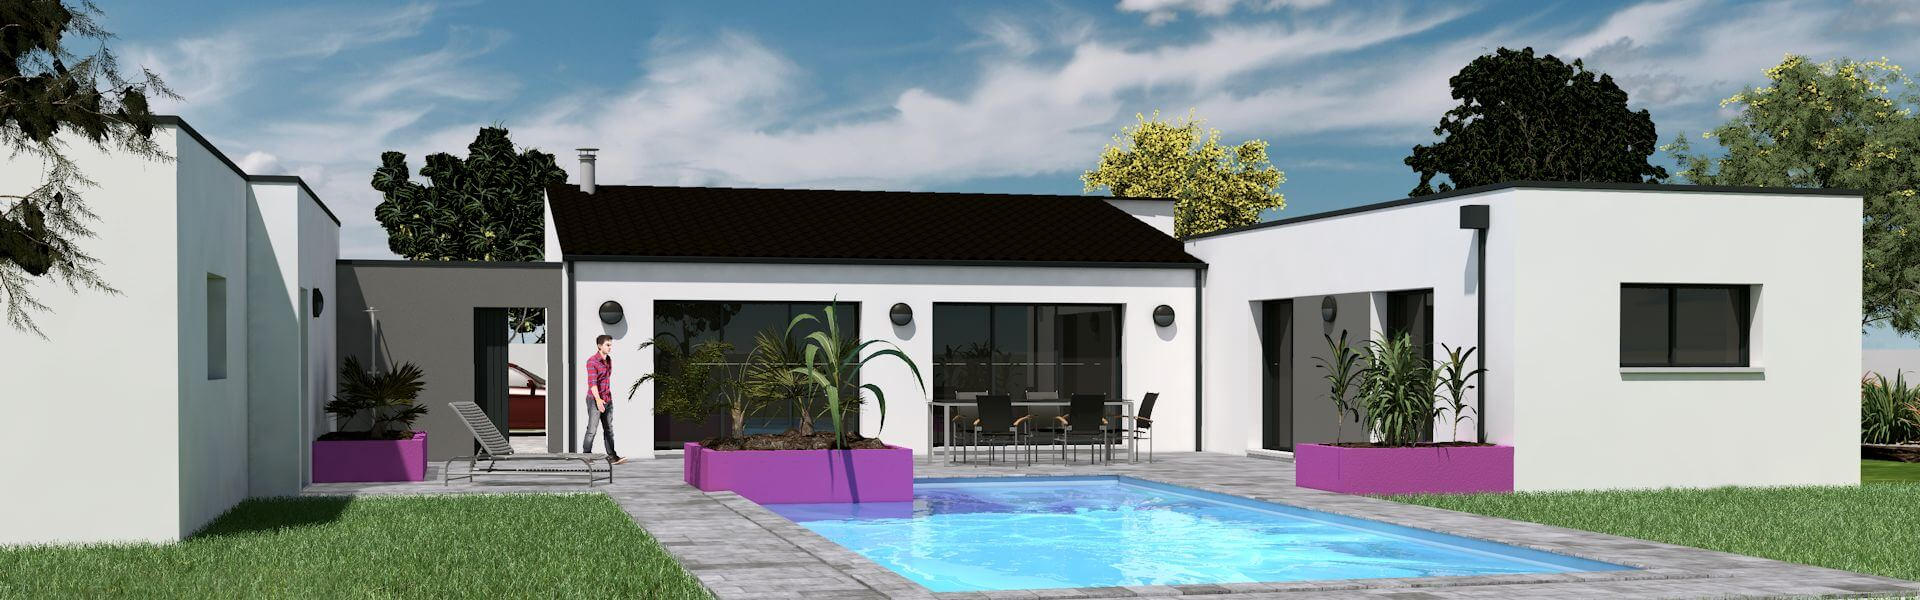 b tisseurs challandais constructeur de maison en vend e. Black Bedroom Furniture Sets. Home Design Ideas